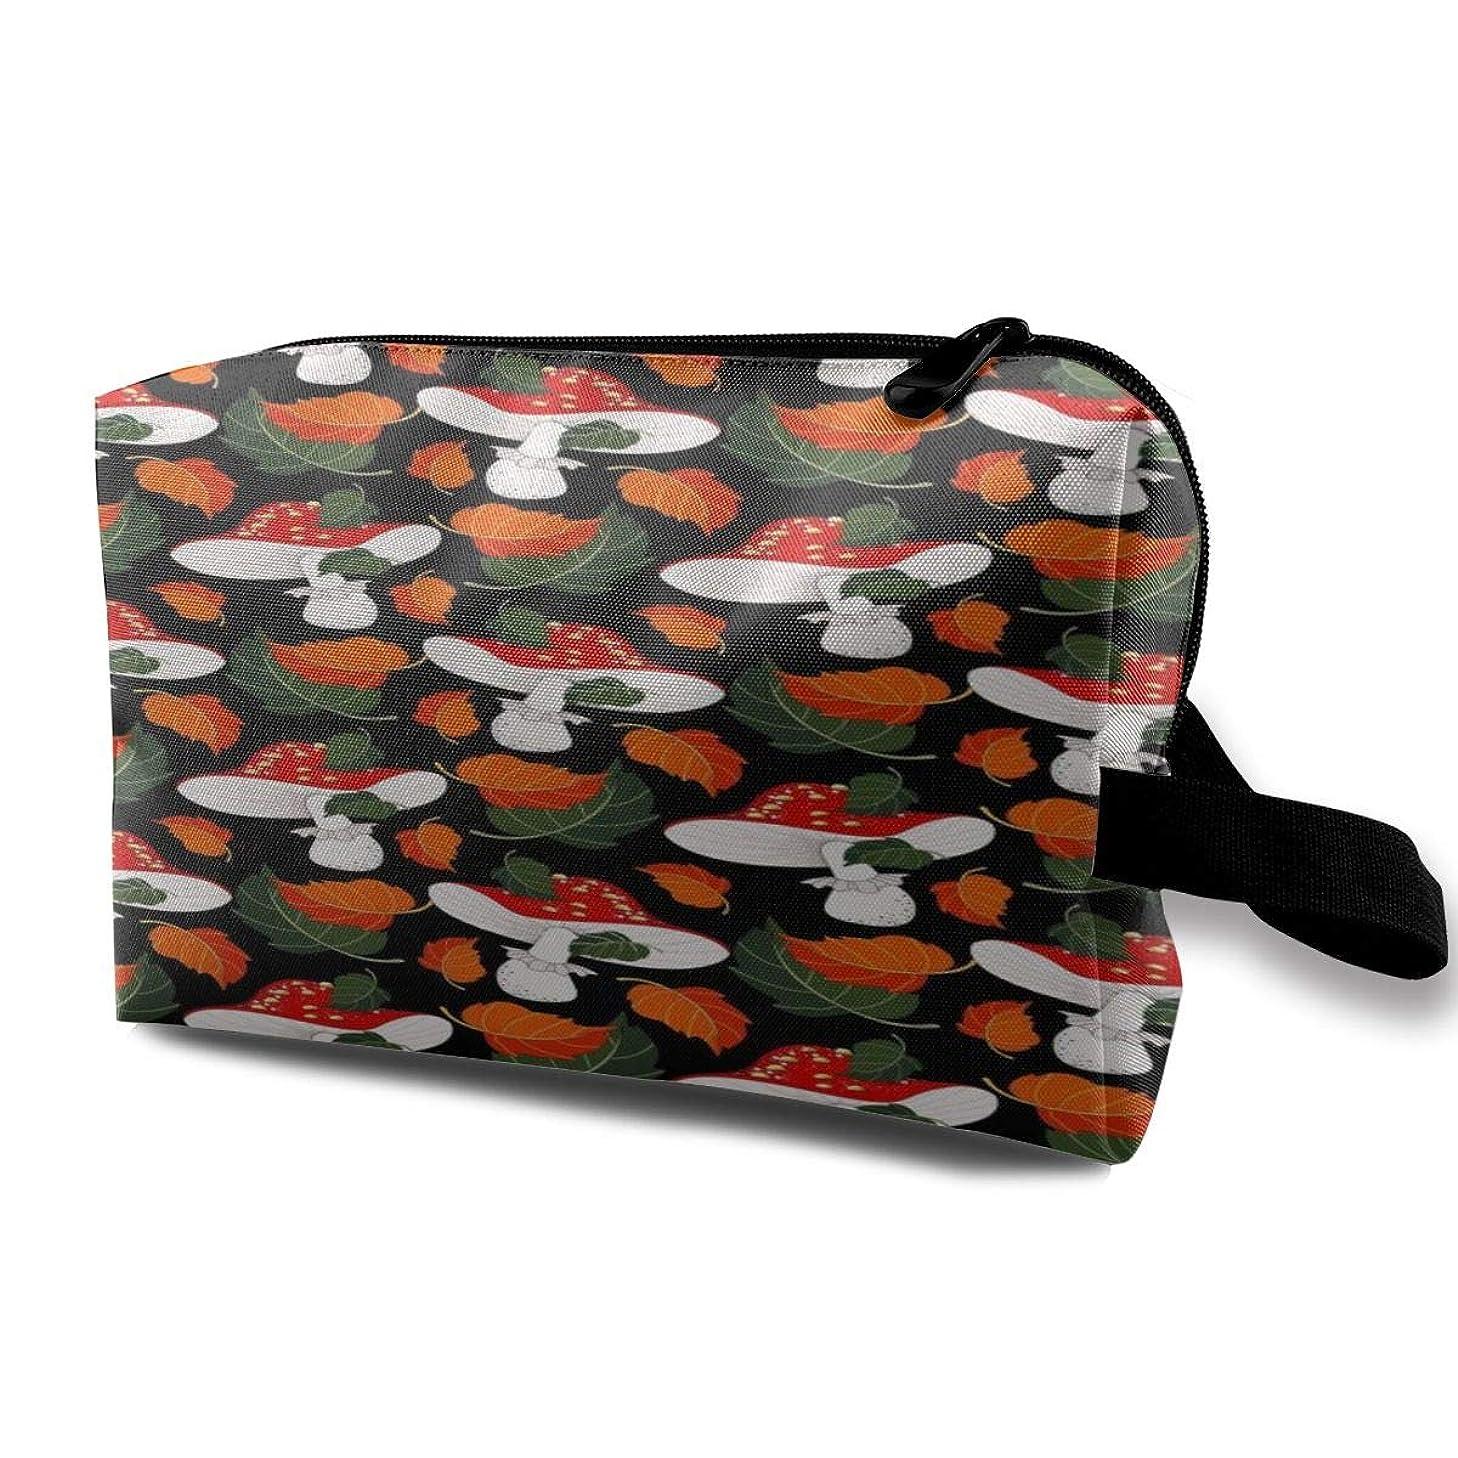 シエスタ船アラートAutumn Leaves Mushrooms 収納ポーチ 化粧ポーチ 大容量 軽量 耐久性 ハンドル付持ち運び便利。入れ 自宅?出張?旅行?アウトドア撮影などに対応。メンズ レディース トラベルグッズ